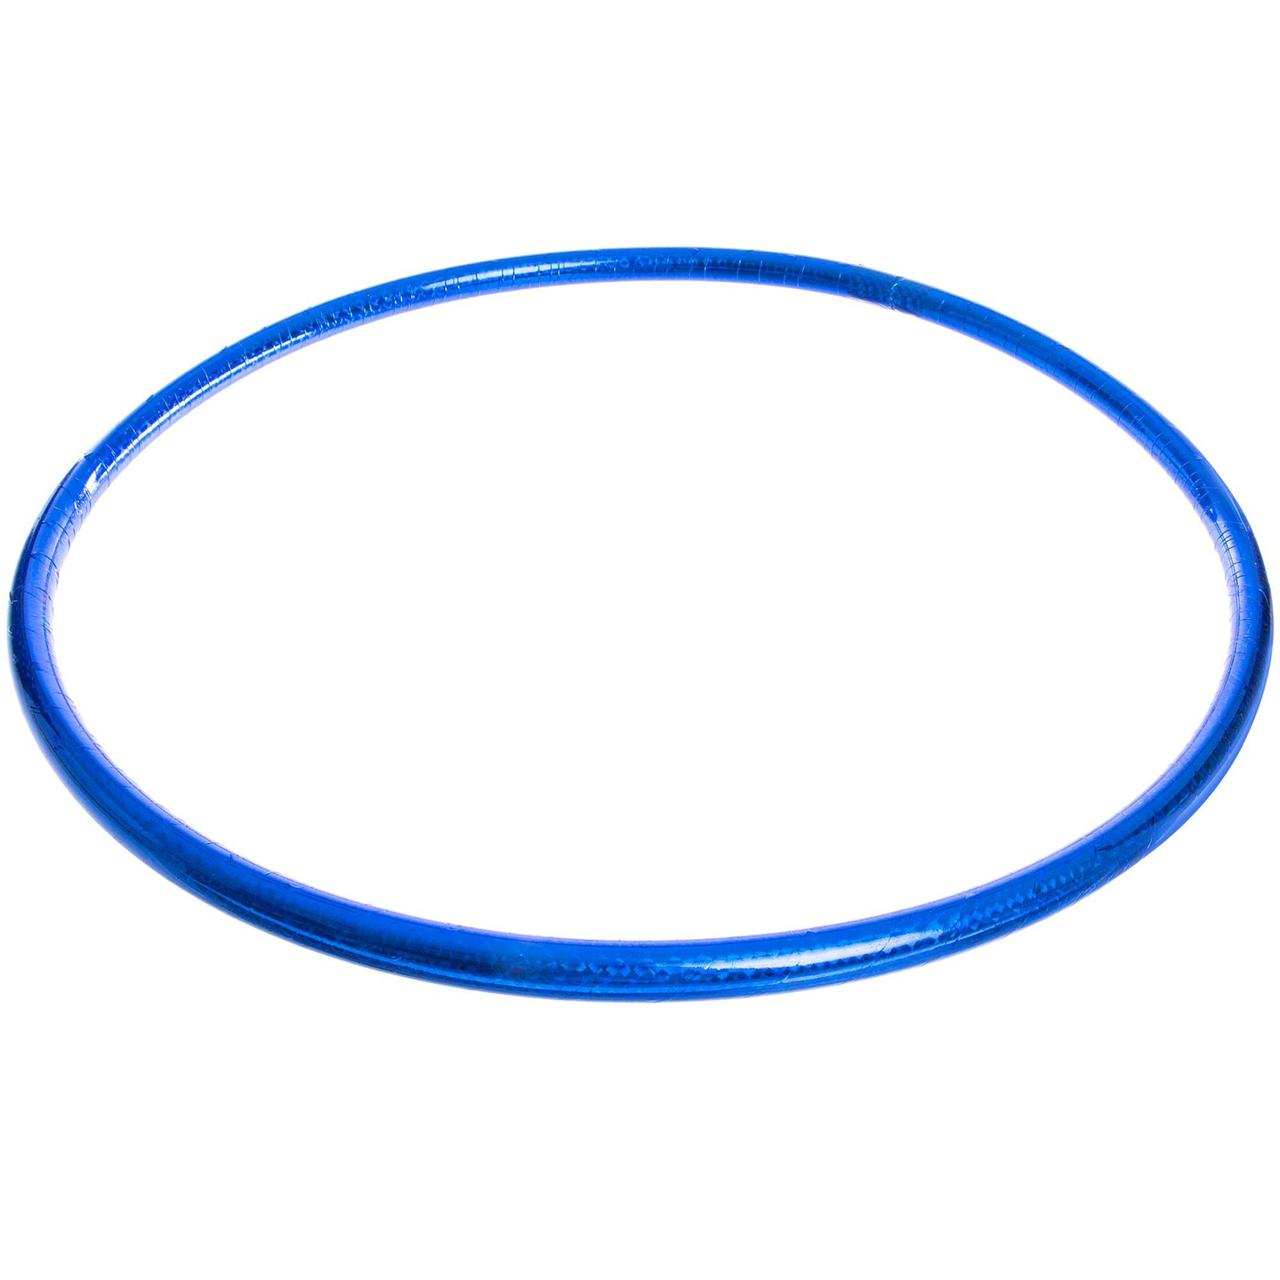 Обруч цельный гимнастический пластиковый Record FI-3375-75 (d-75см, для детей 9-10лет, цвета в ассортименте)